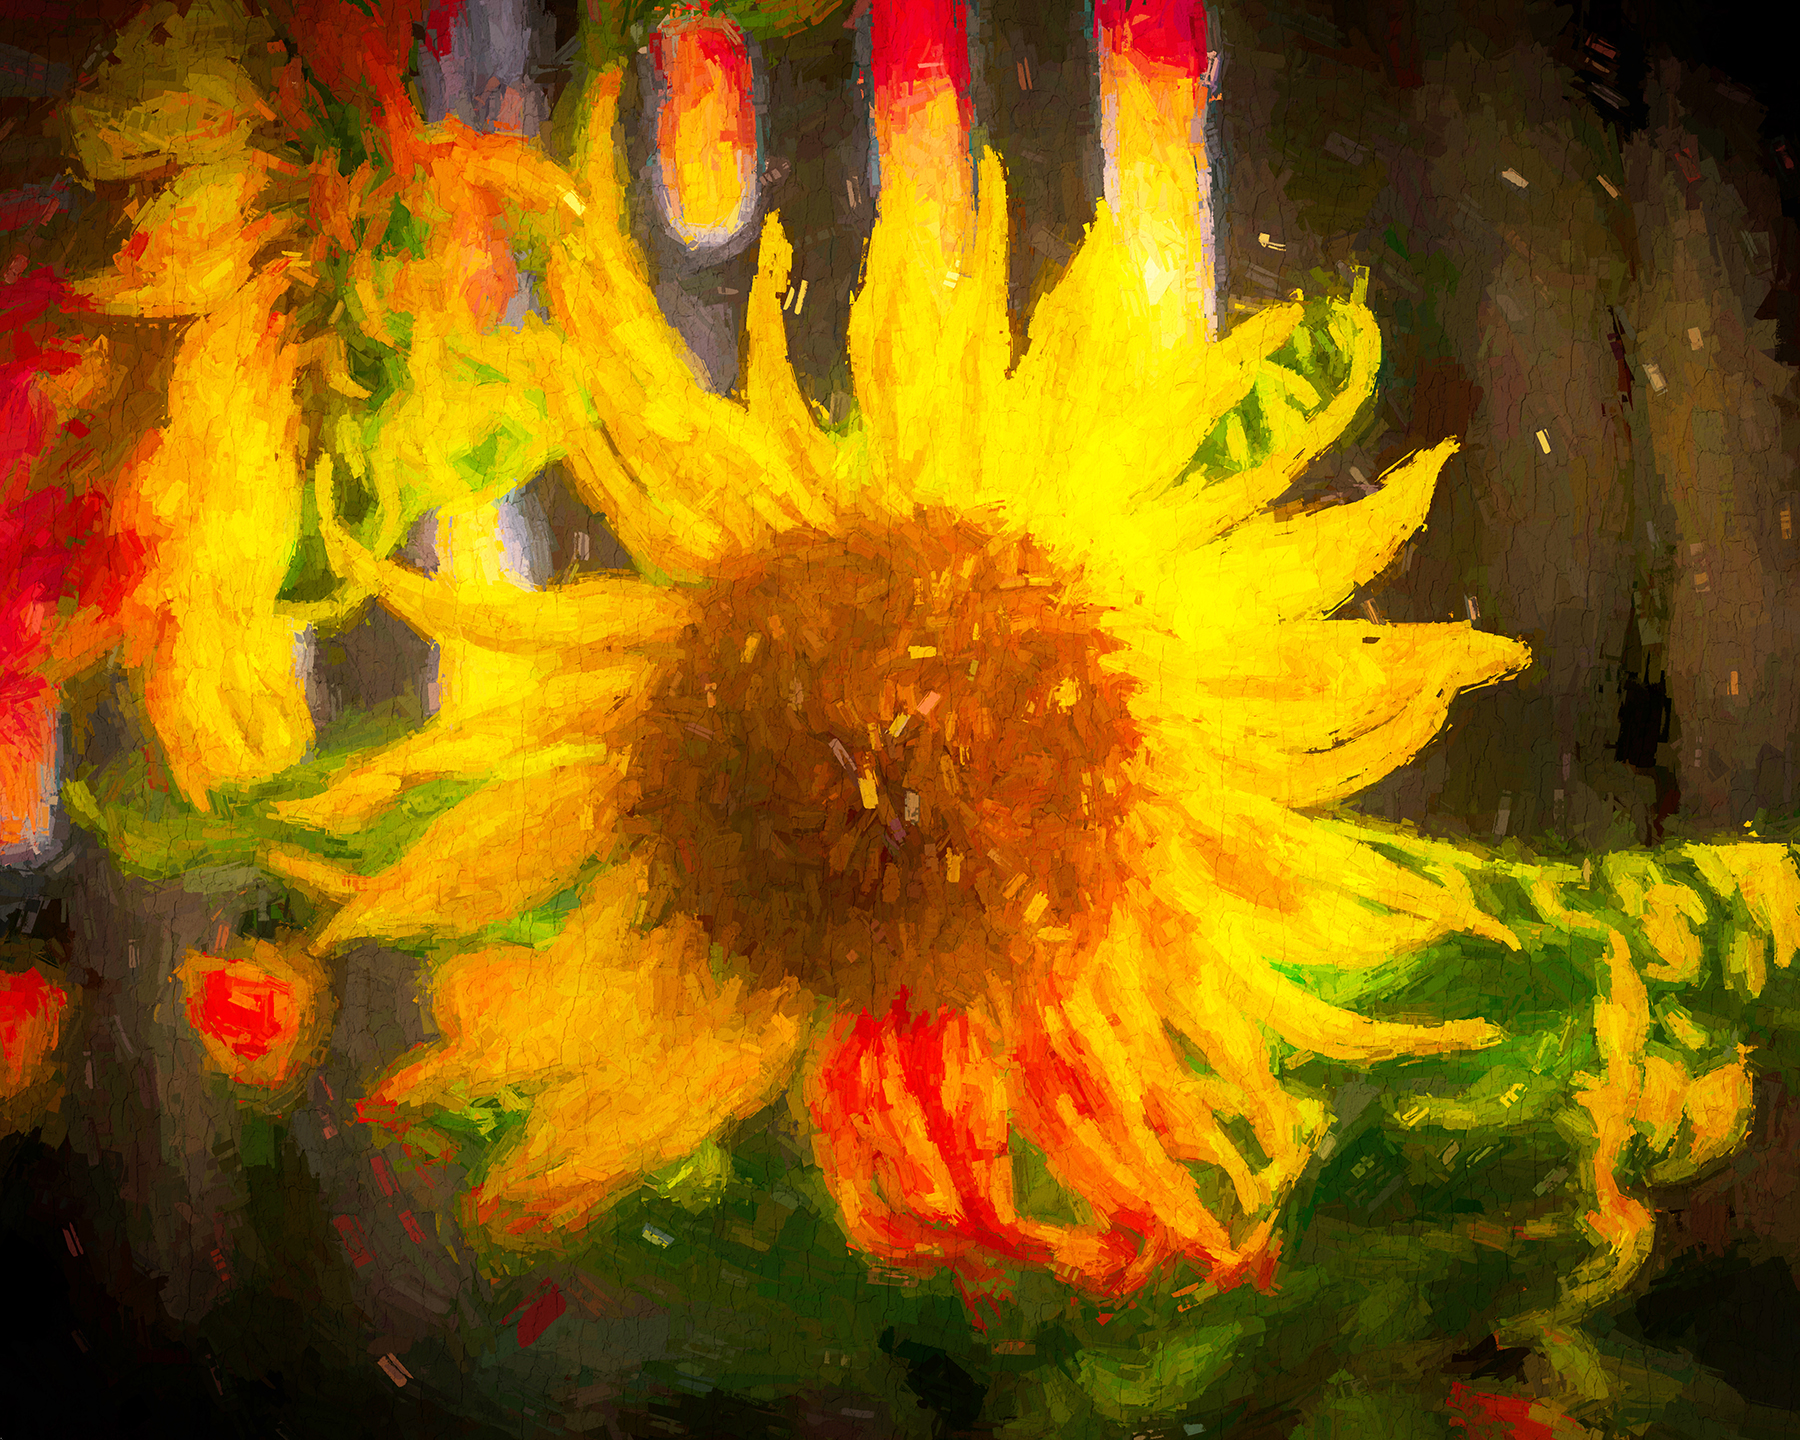 Sun in My Garden 2